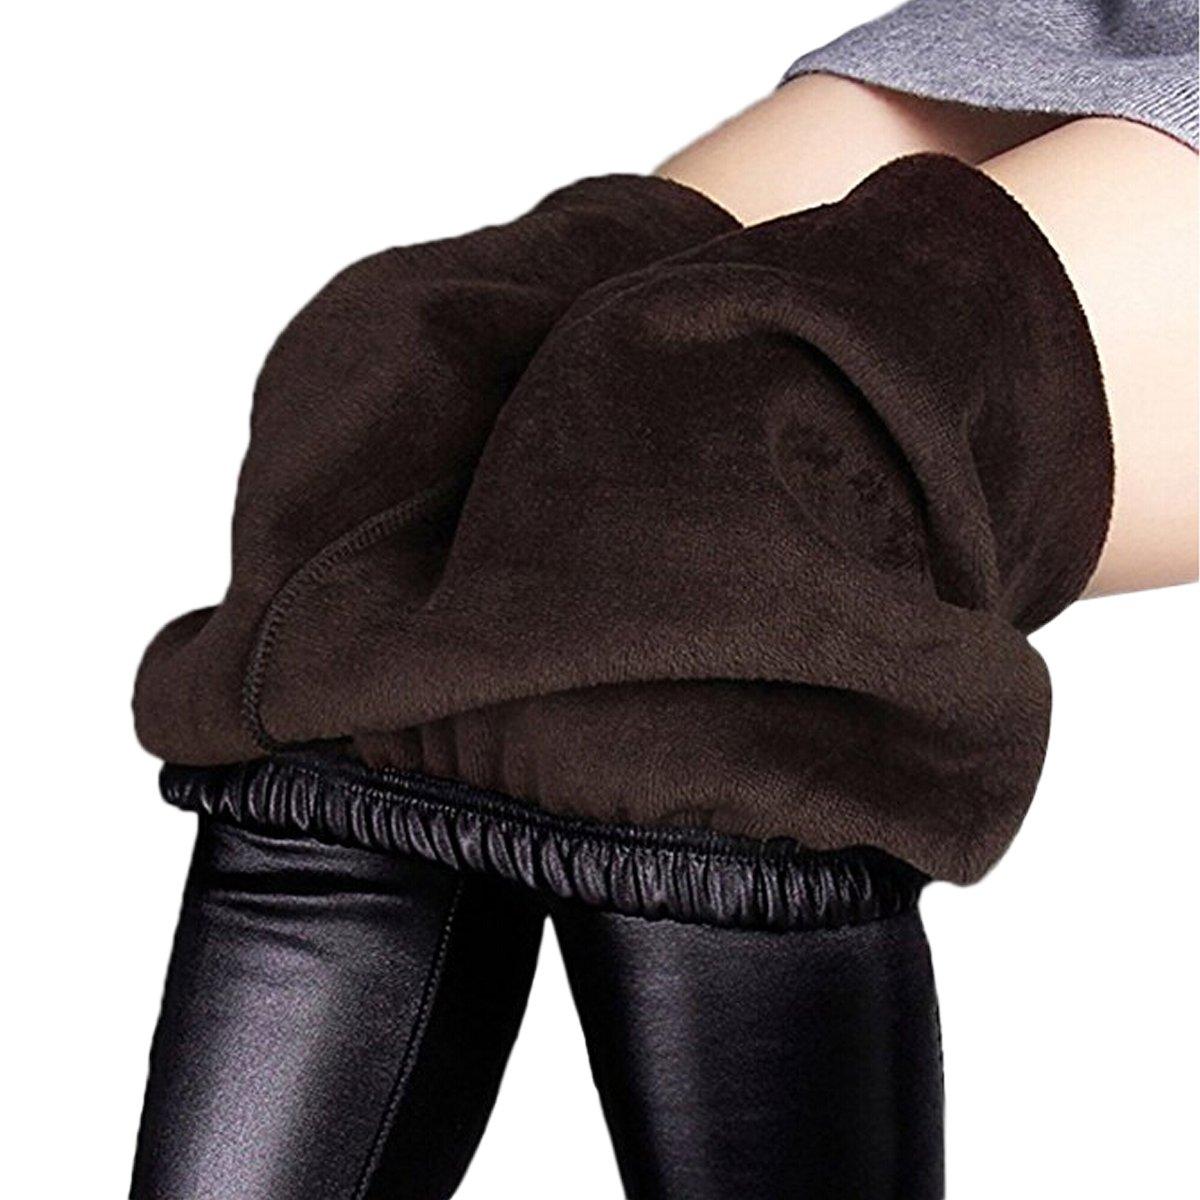 Womtop Women Leggings Pants Winter Warm Velvet Faux Leather Stretch Junior Outwear Trousers (Black, S)